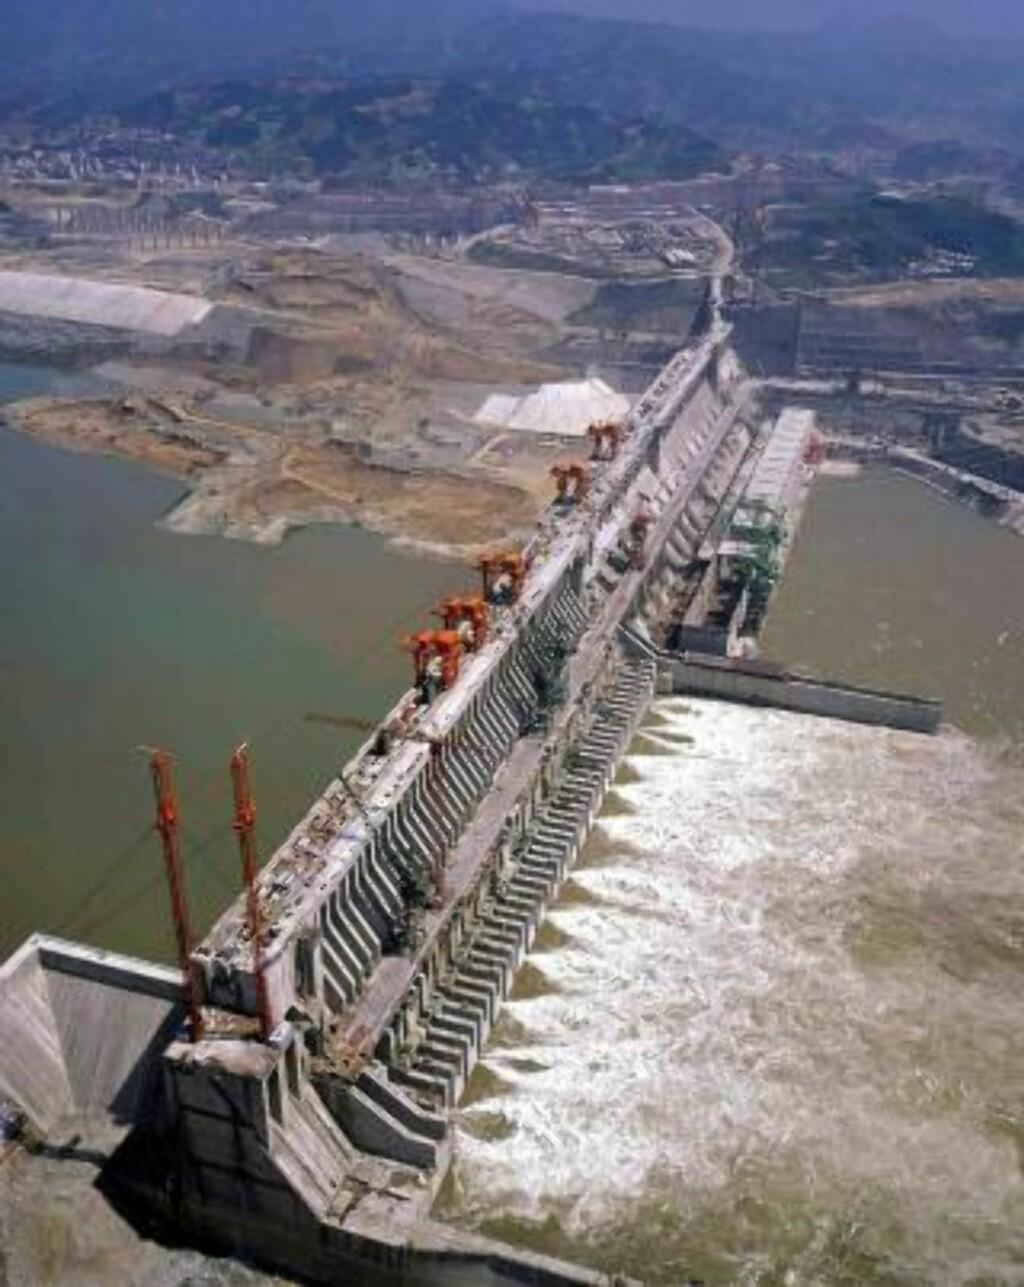 ENORM: Dammen er 2,5 km lang, 115 meter vid og 185 meter dyp. Dammen har en kapasitet på 39,5 kubikkilometer vann. Foto: EPA